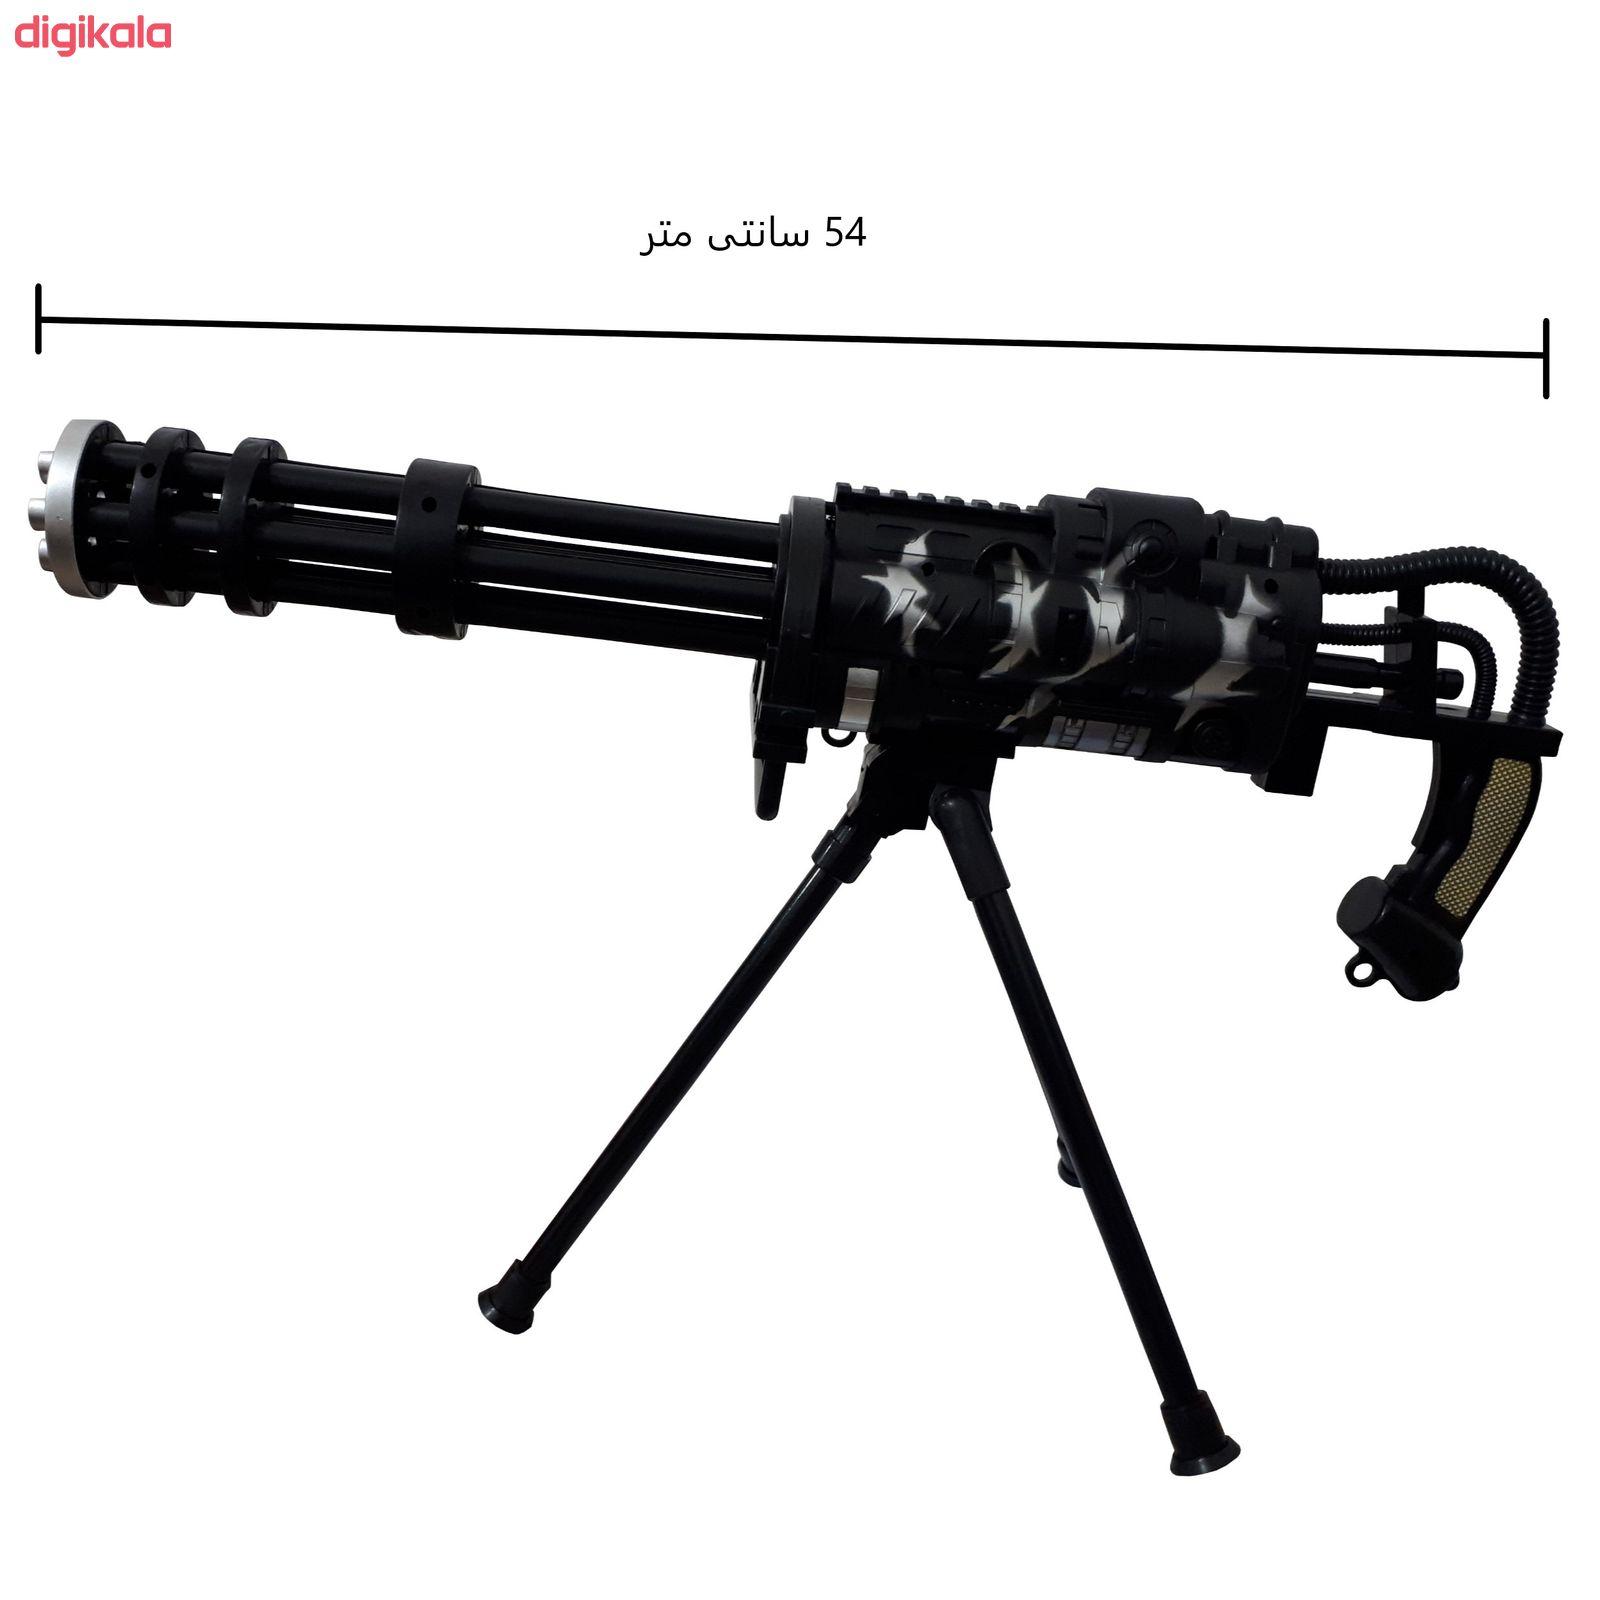 تفنگ بازی مدل VANGUARD کد 565 main 1 1